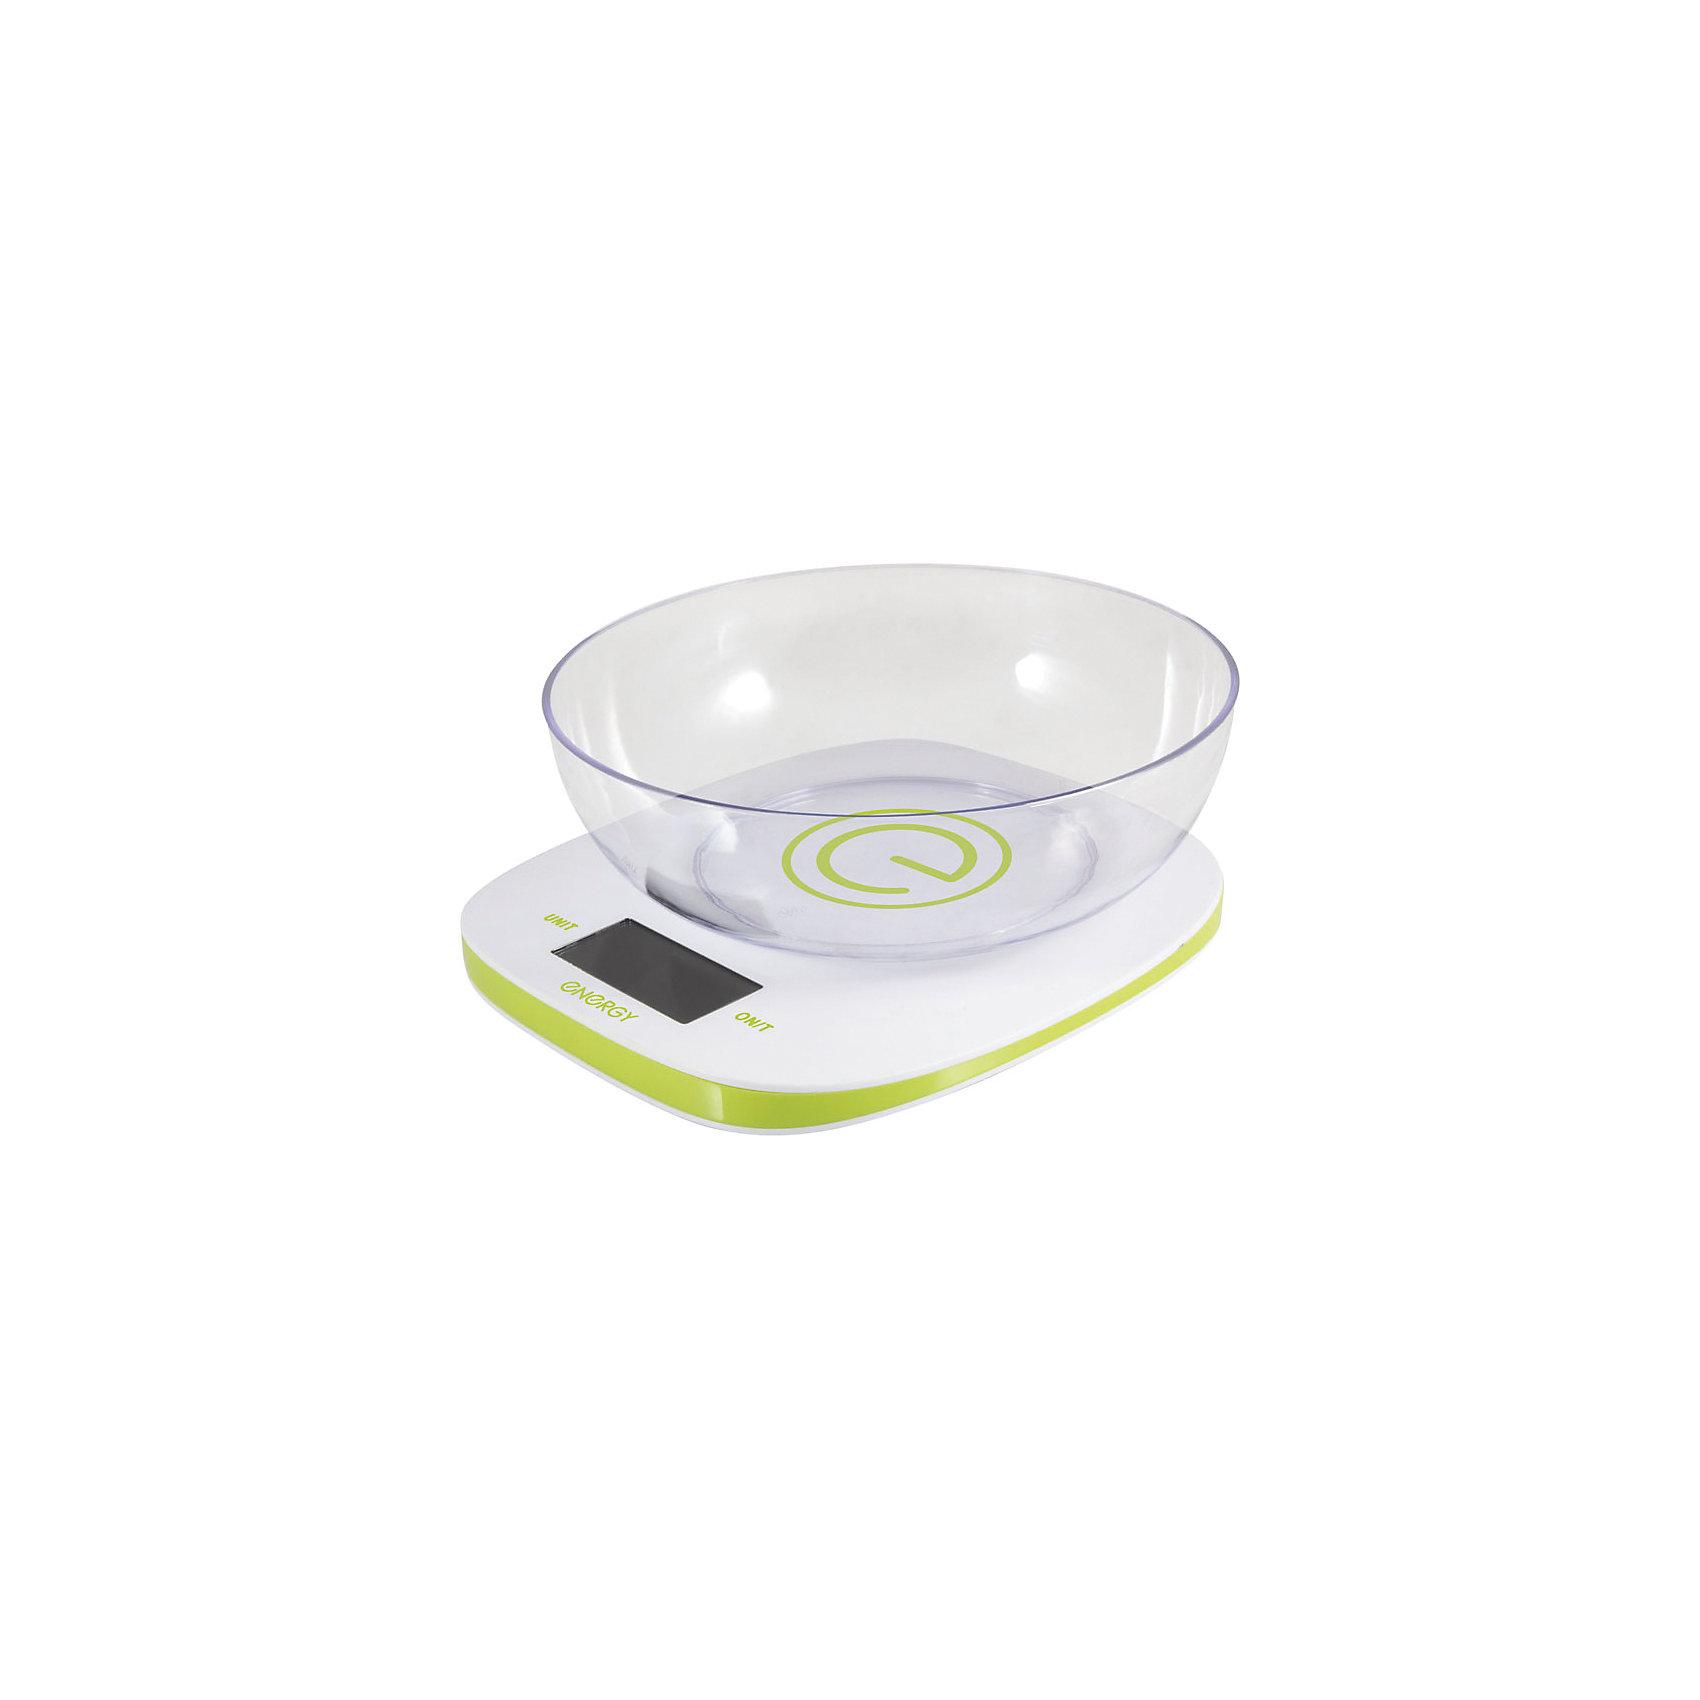 Весы кухонные электронные EN-425, Energy